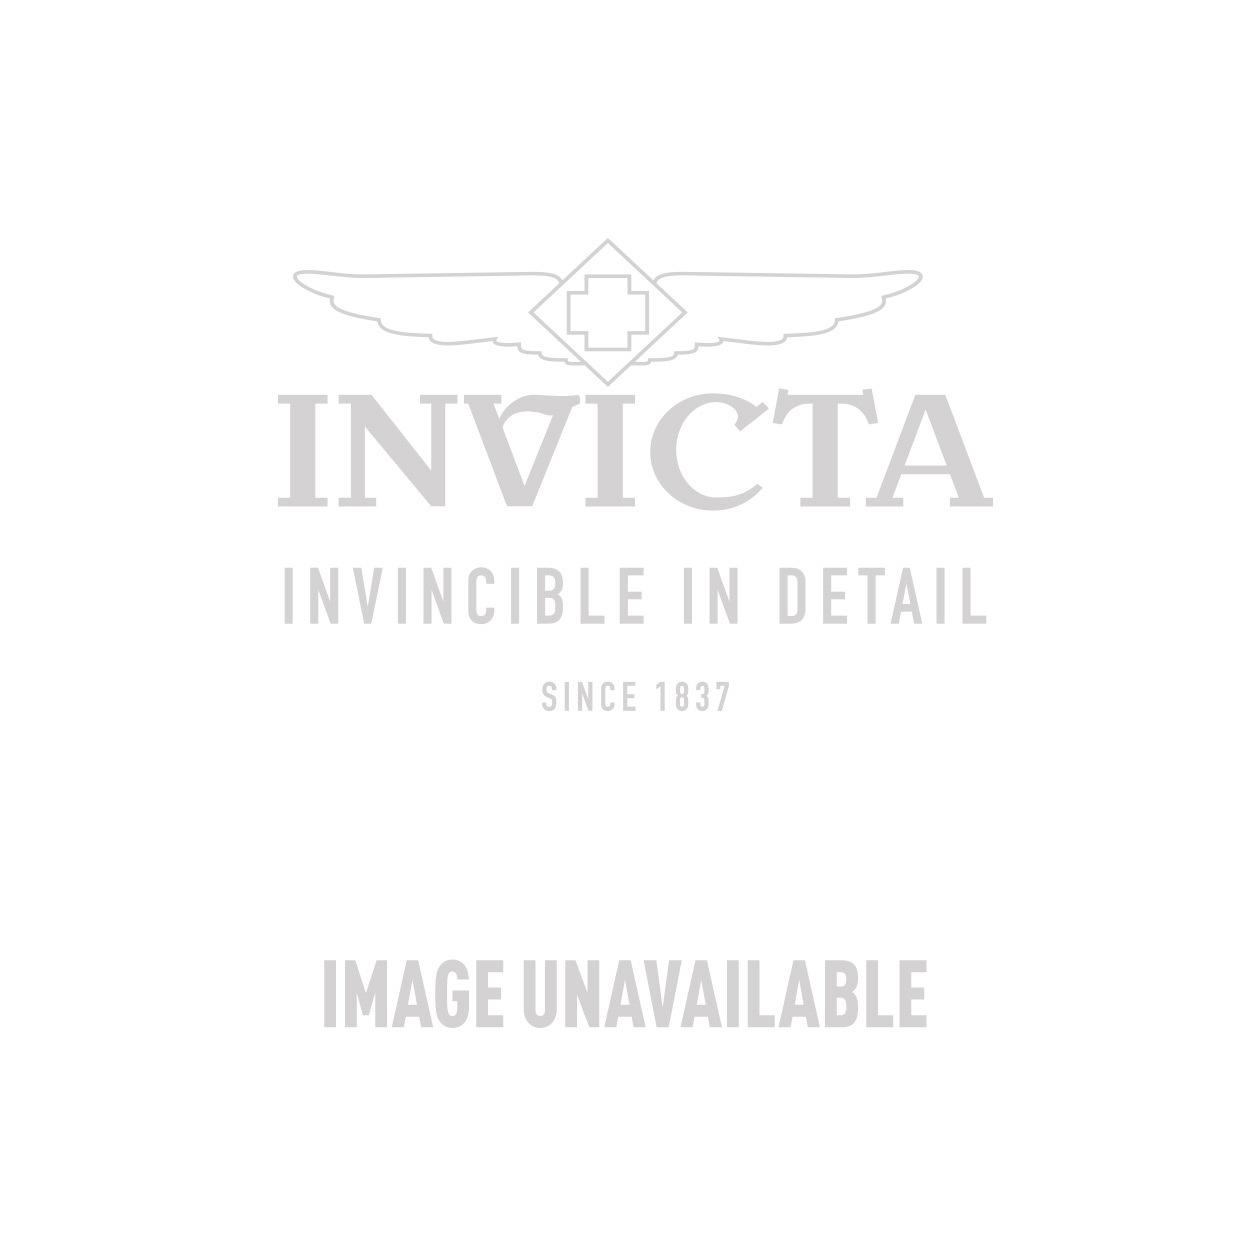 Invicta Model 25295